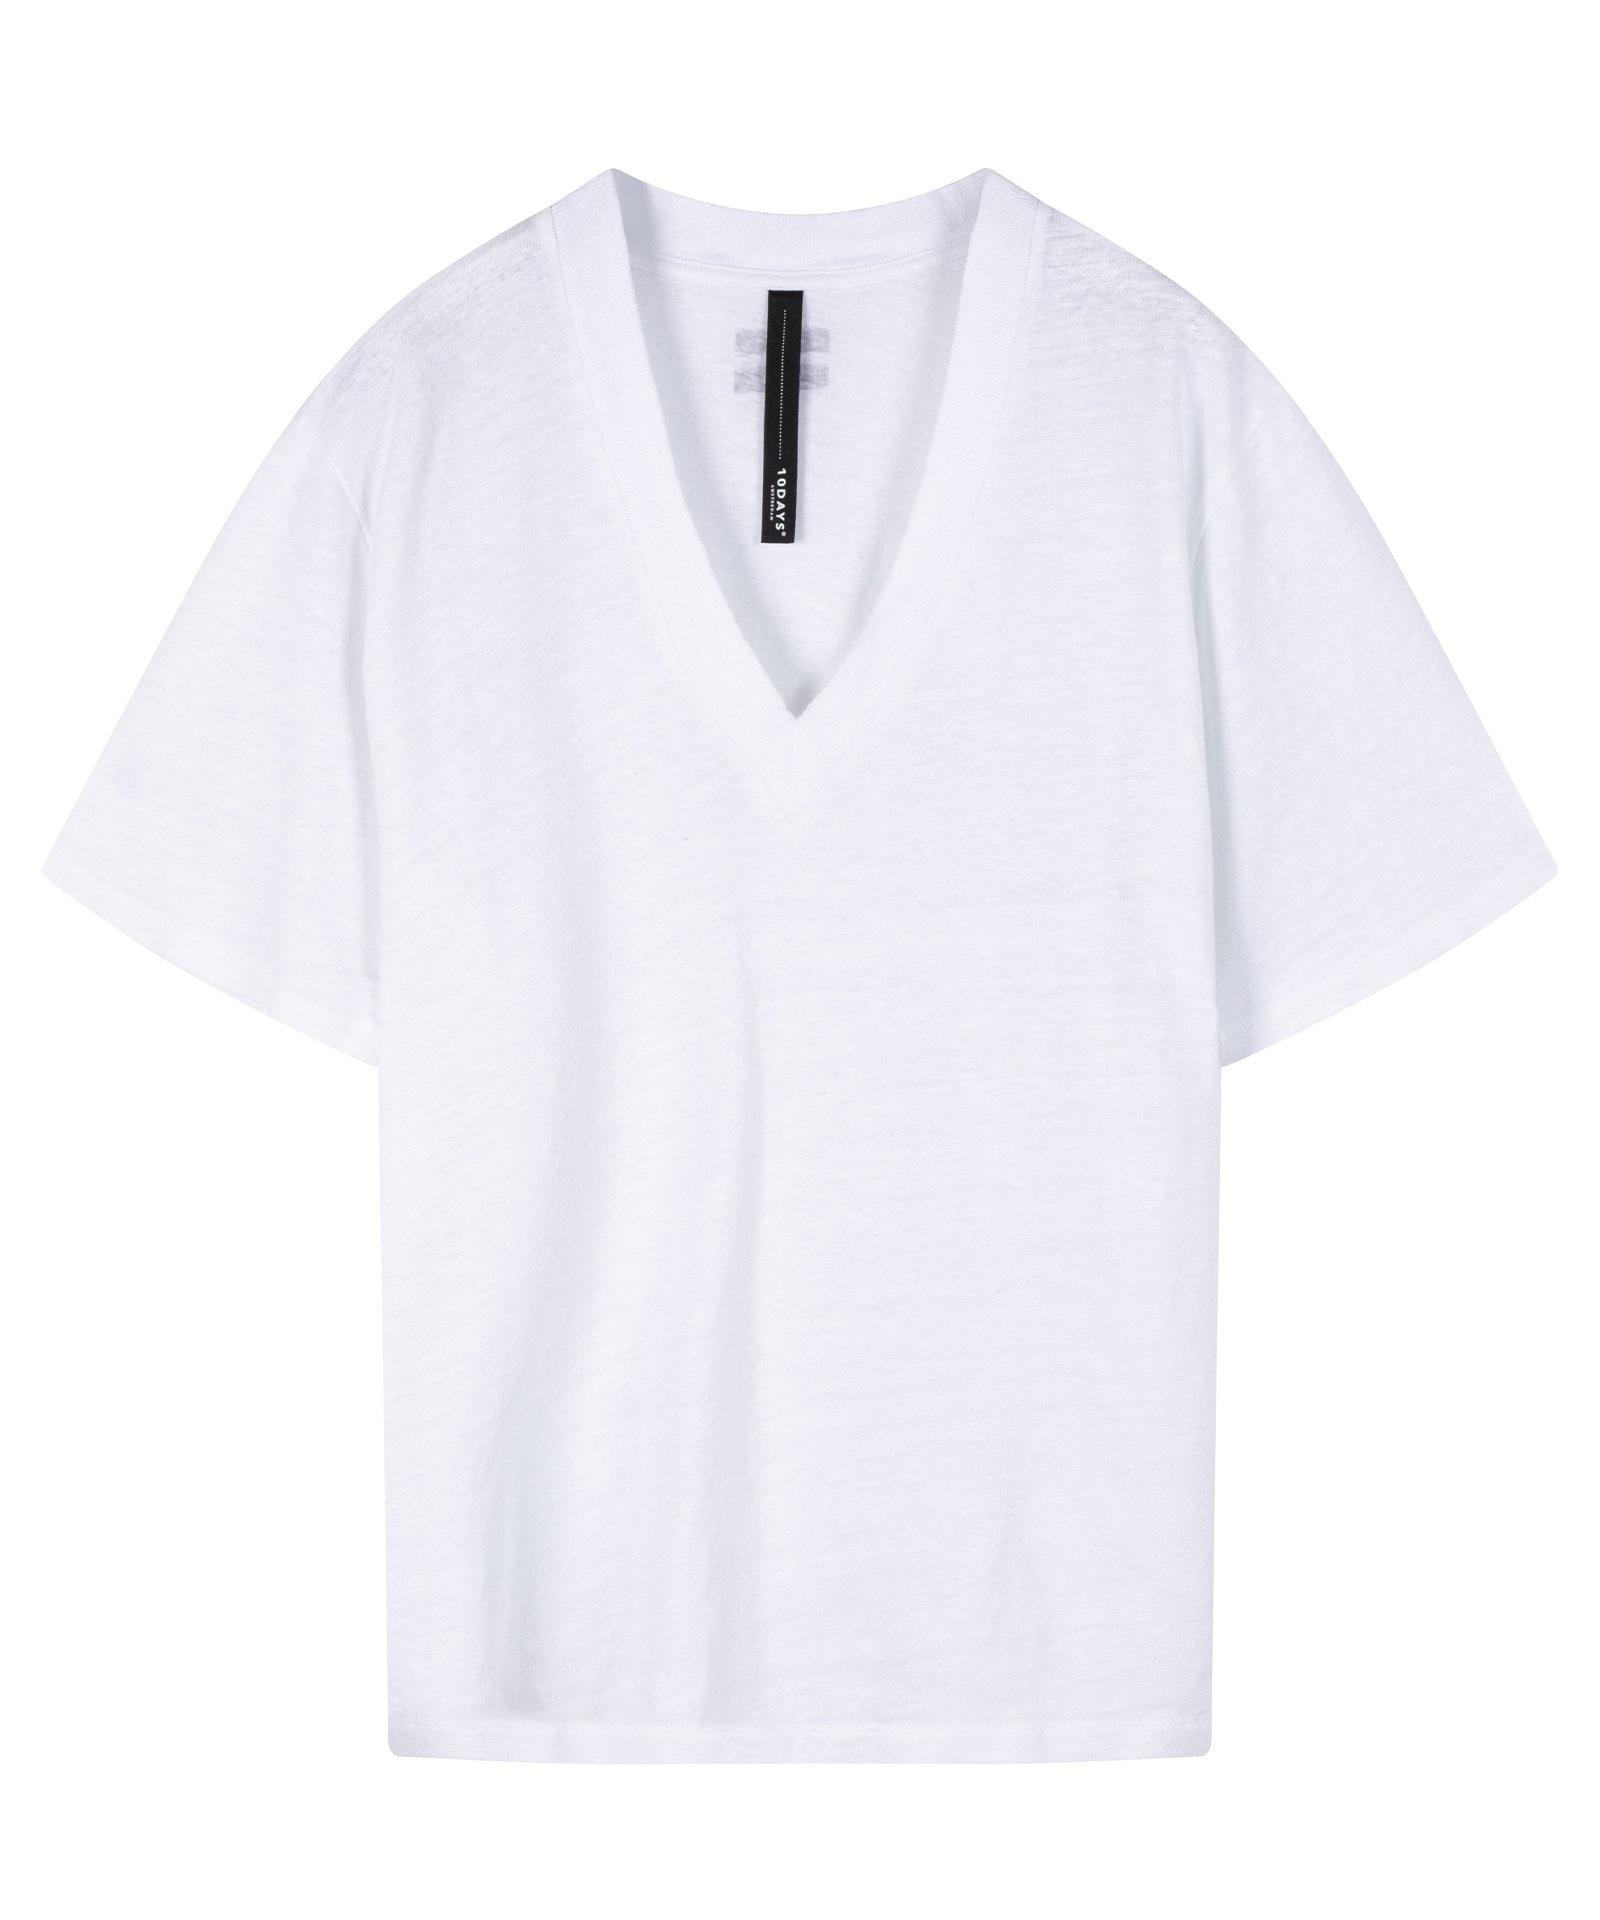 Top v-neck tee linen white-1